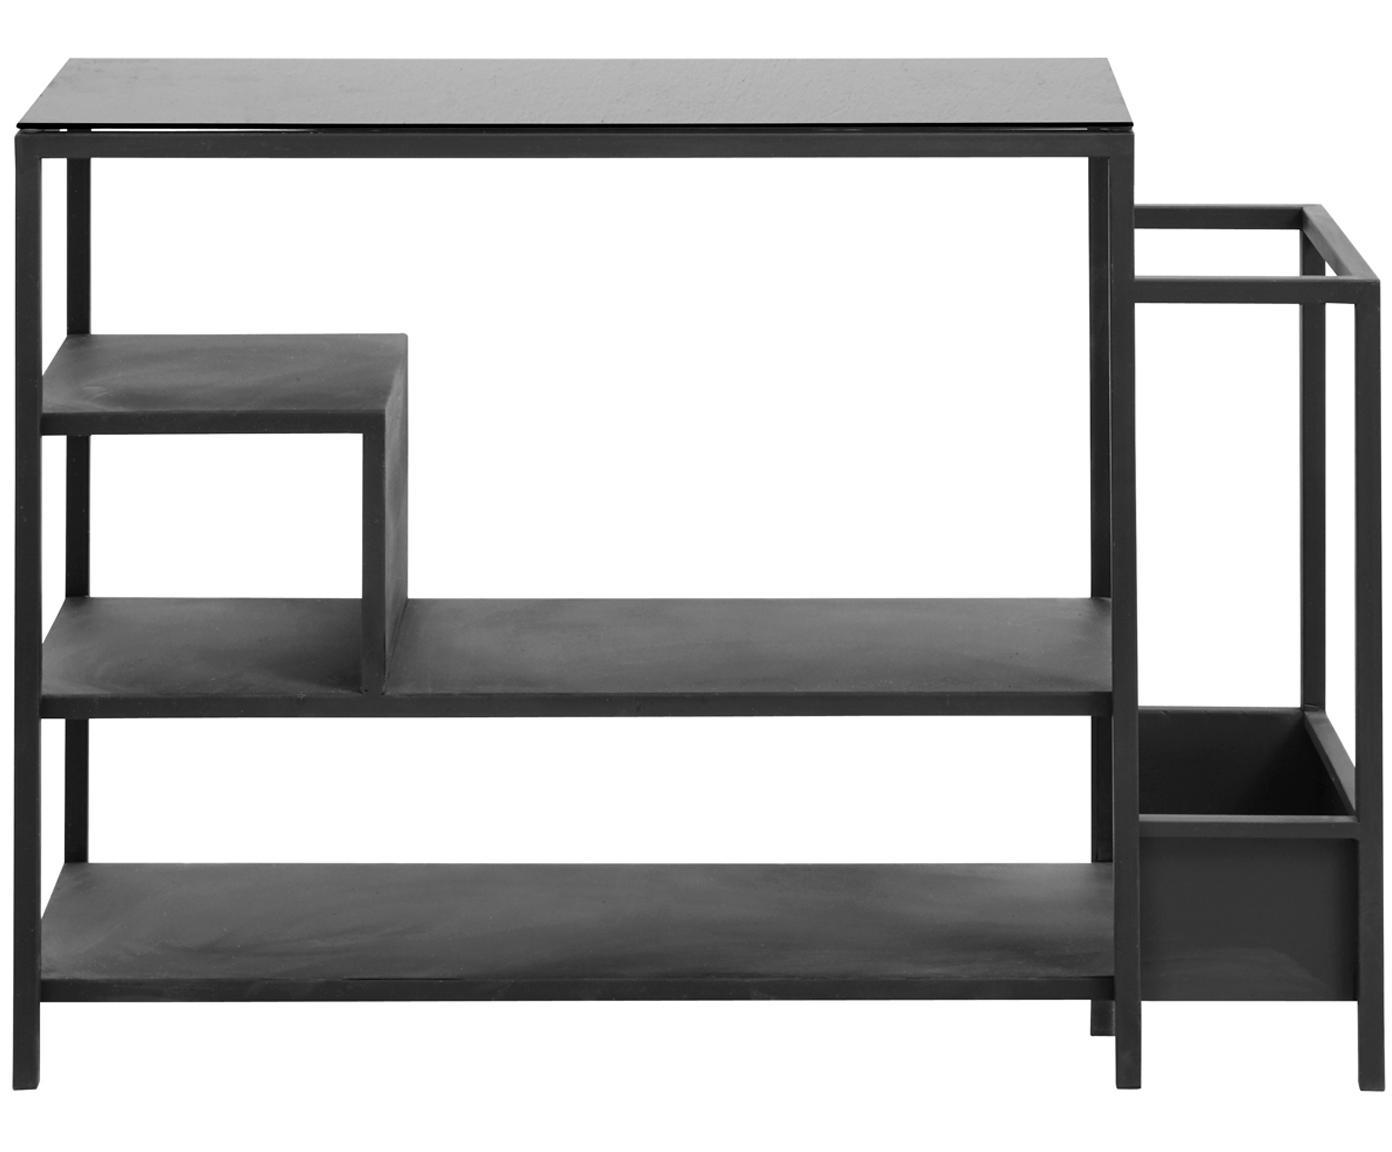 Półka na buty z metalu ze stojakiem na parasol Bum, Metal malowany proszkowo, Czarny, S 85 x W 59 cm